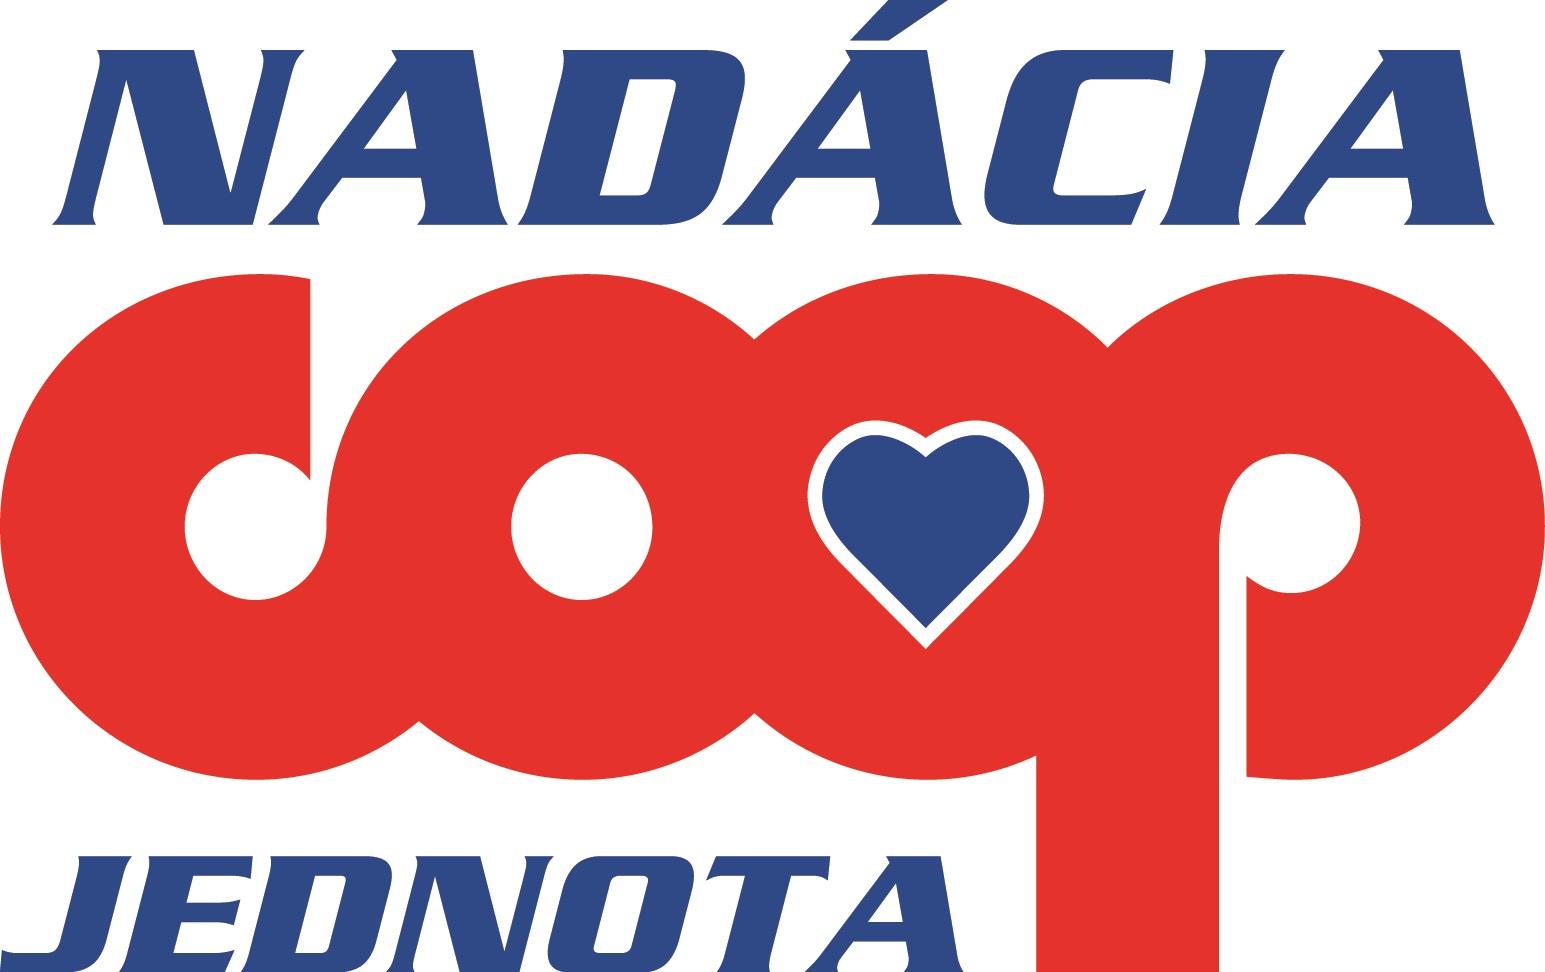 Logo_nadaciaCOOP